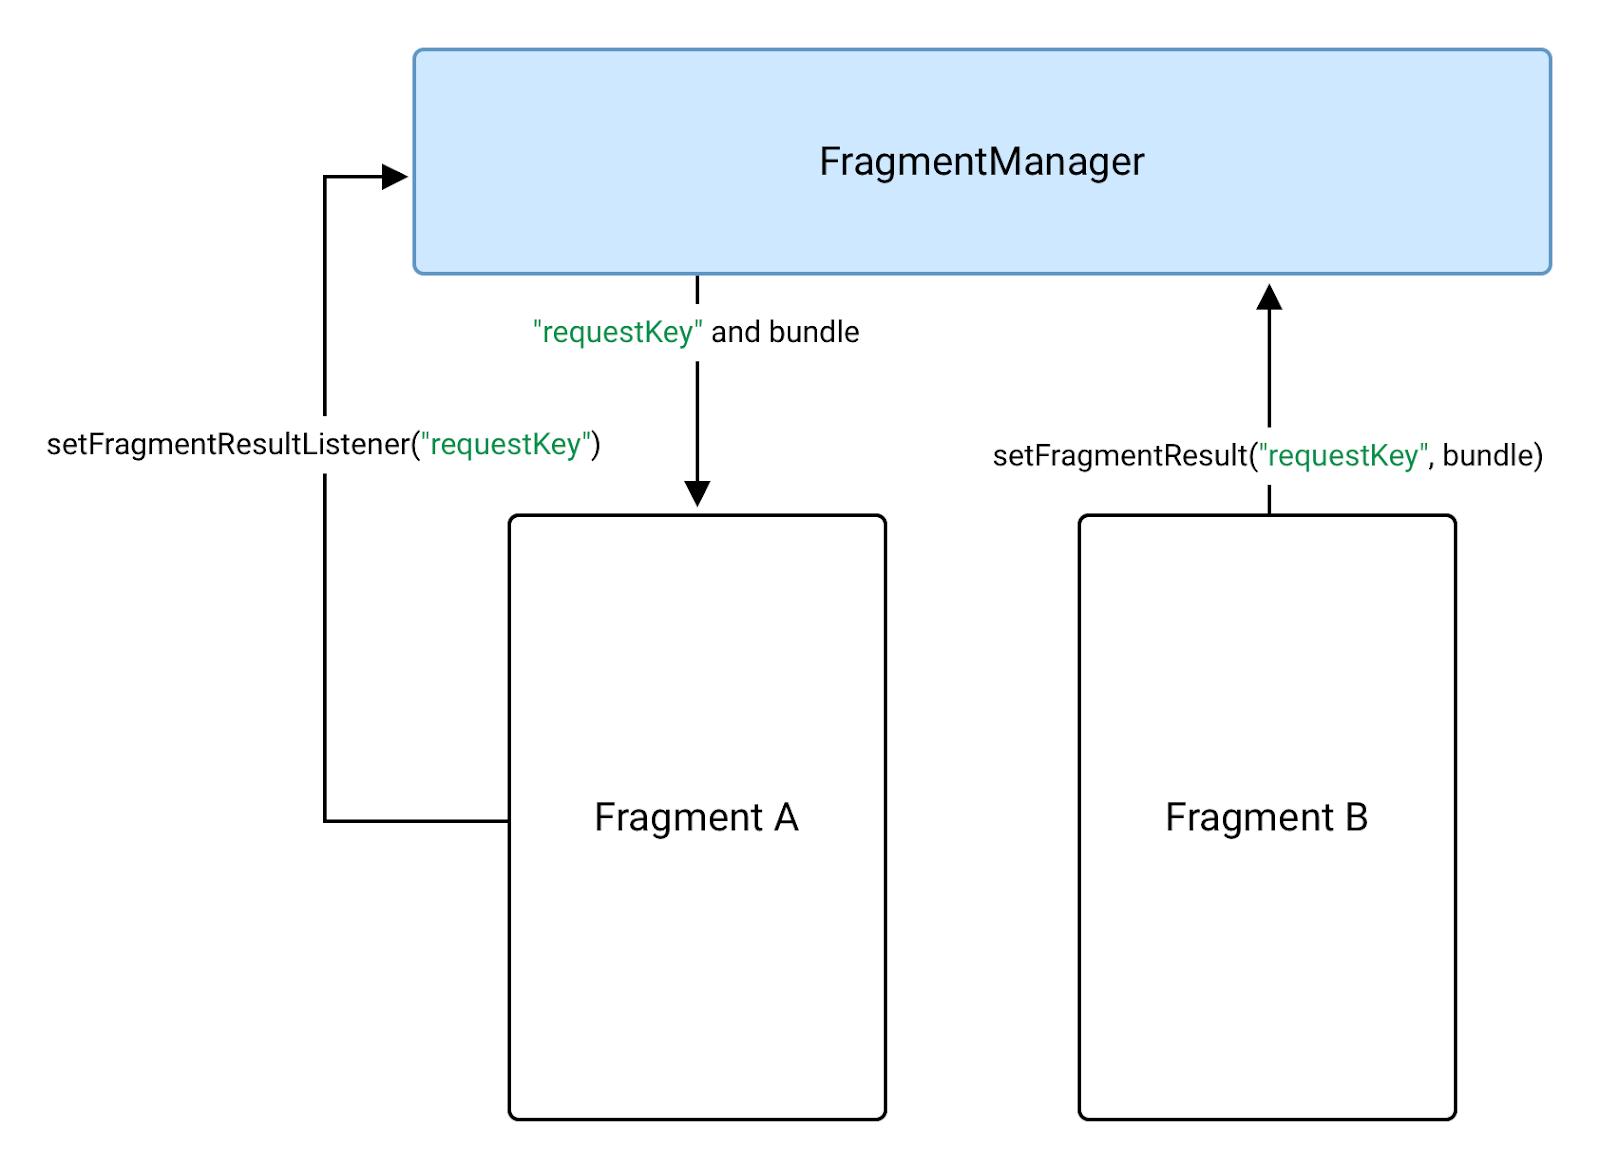 O fragmento B envia dados para o A usando um FragmentManager